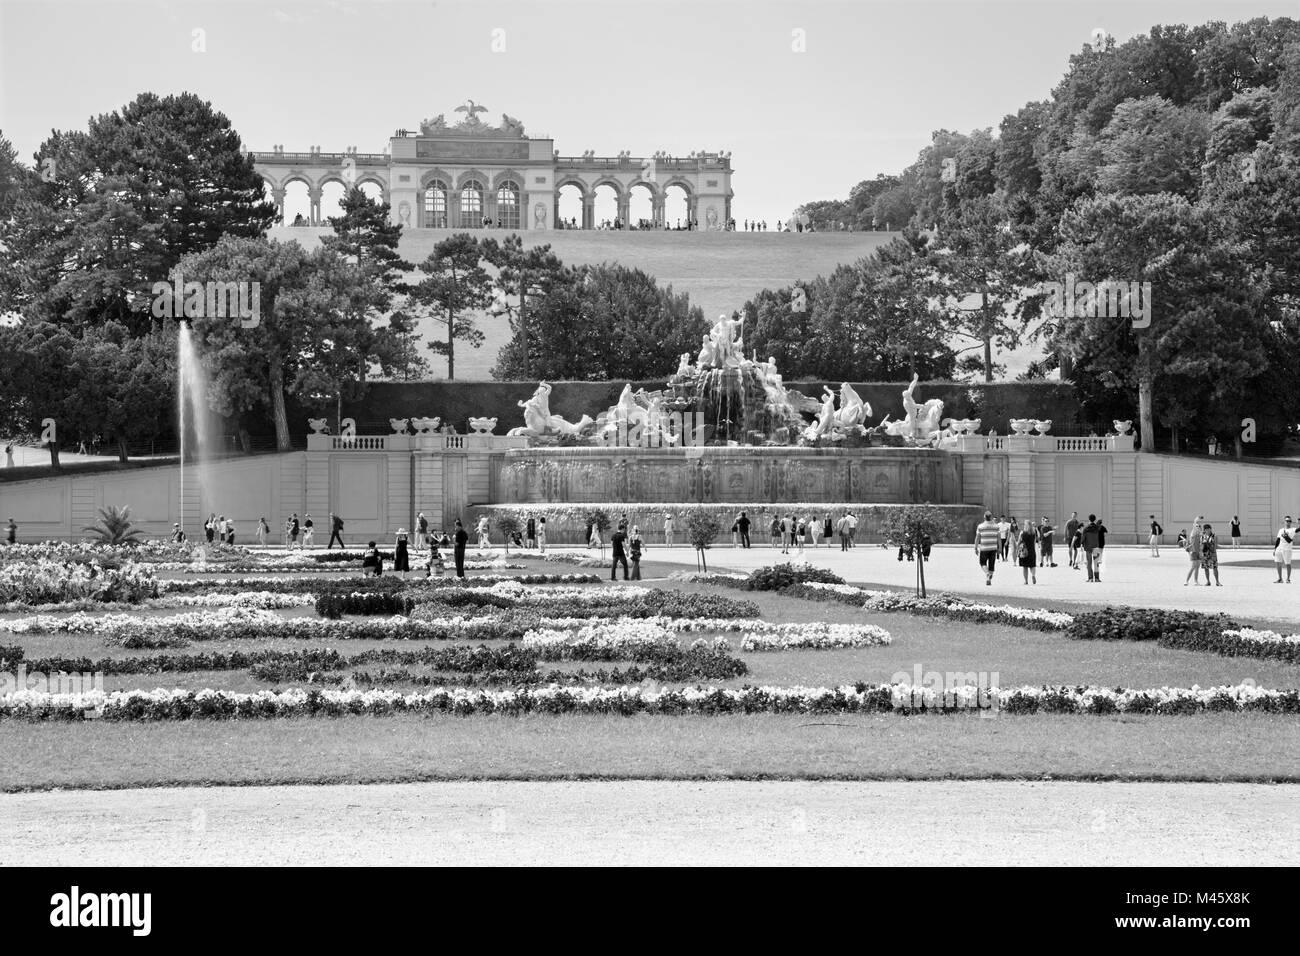 Viena, Austria - Julio 30, 2014: El castillo de Schonbrunn Gloriette - jardín y fuente de Neptuno. Imagen De Stock